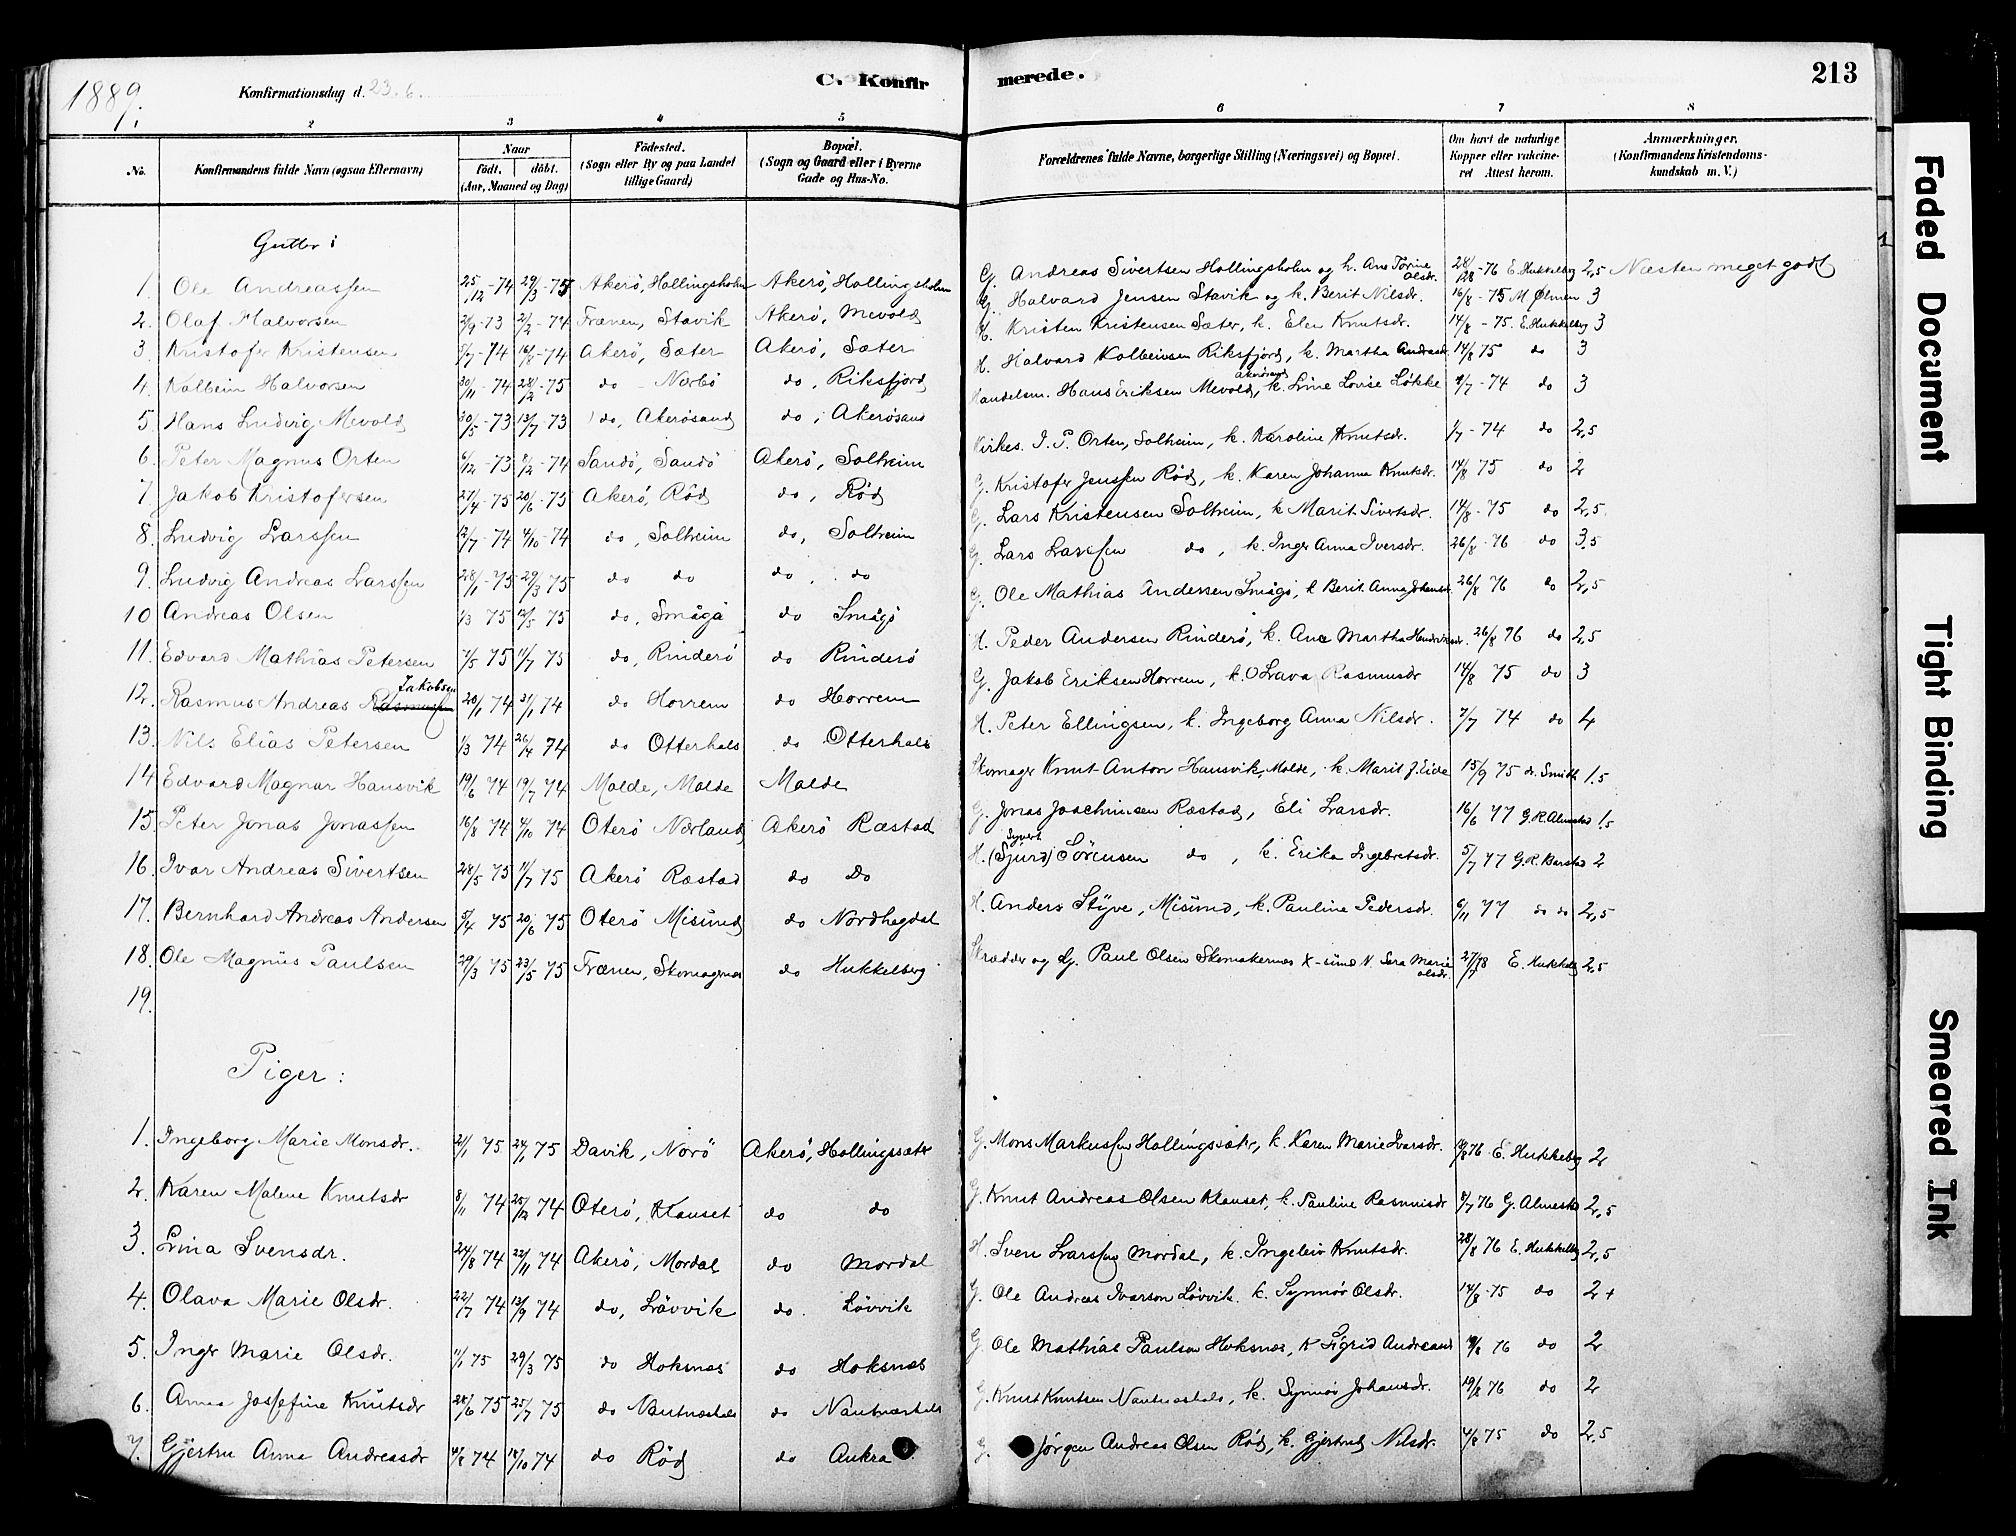 SAT, Ministerialprotokoller, klokkerbøker og fødselsregistre - Møre og Romsdal, 560/L0721: Ministerialbok nr. 560A05, 1878-1917, s. 213